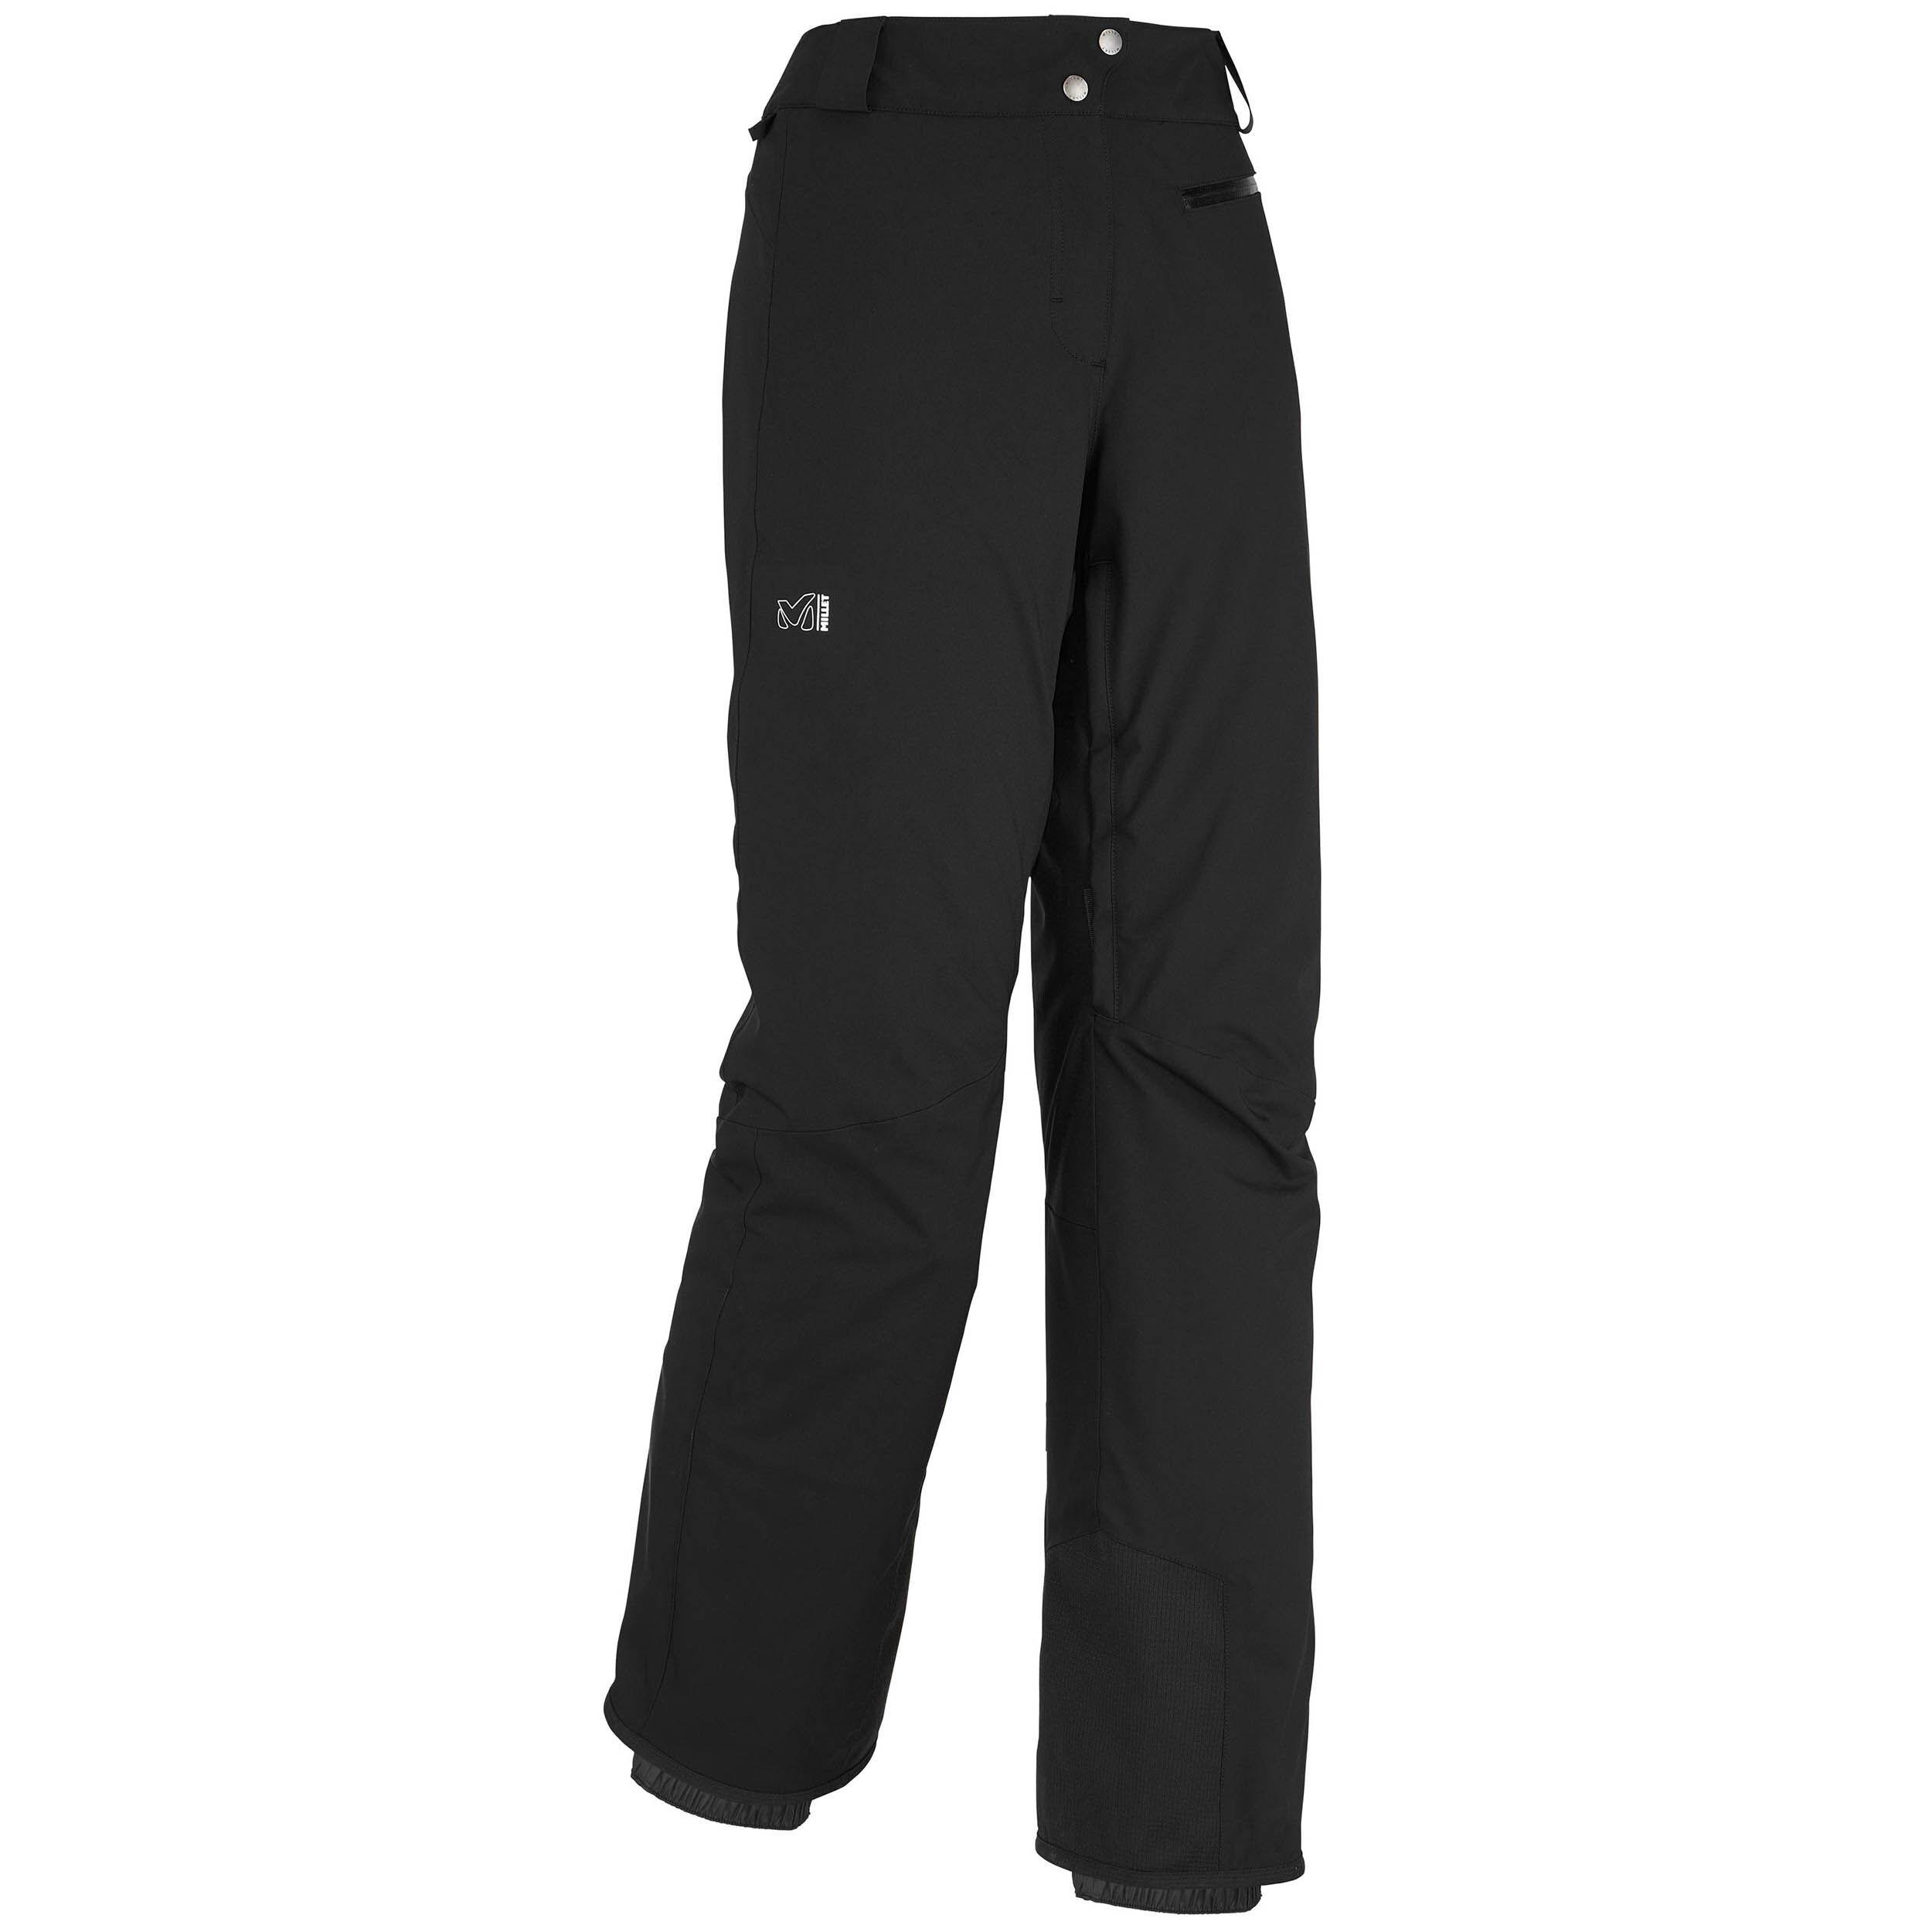 millet Pantalon De Ski / Snow 2 Couches Millet Ld Big White Stretch Black - Noir Femme